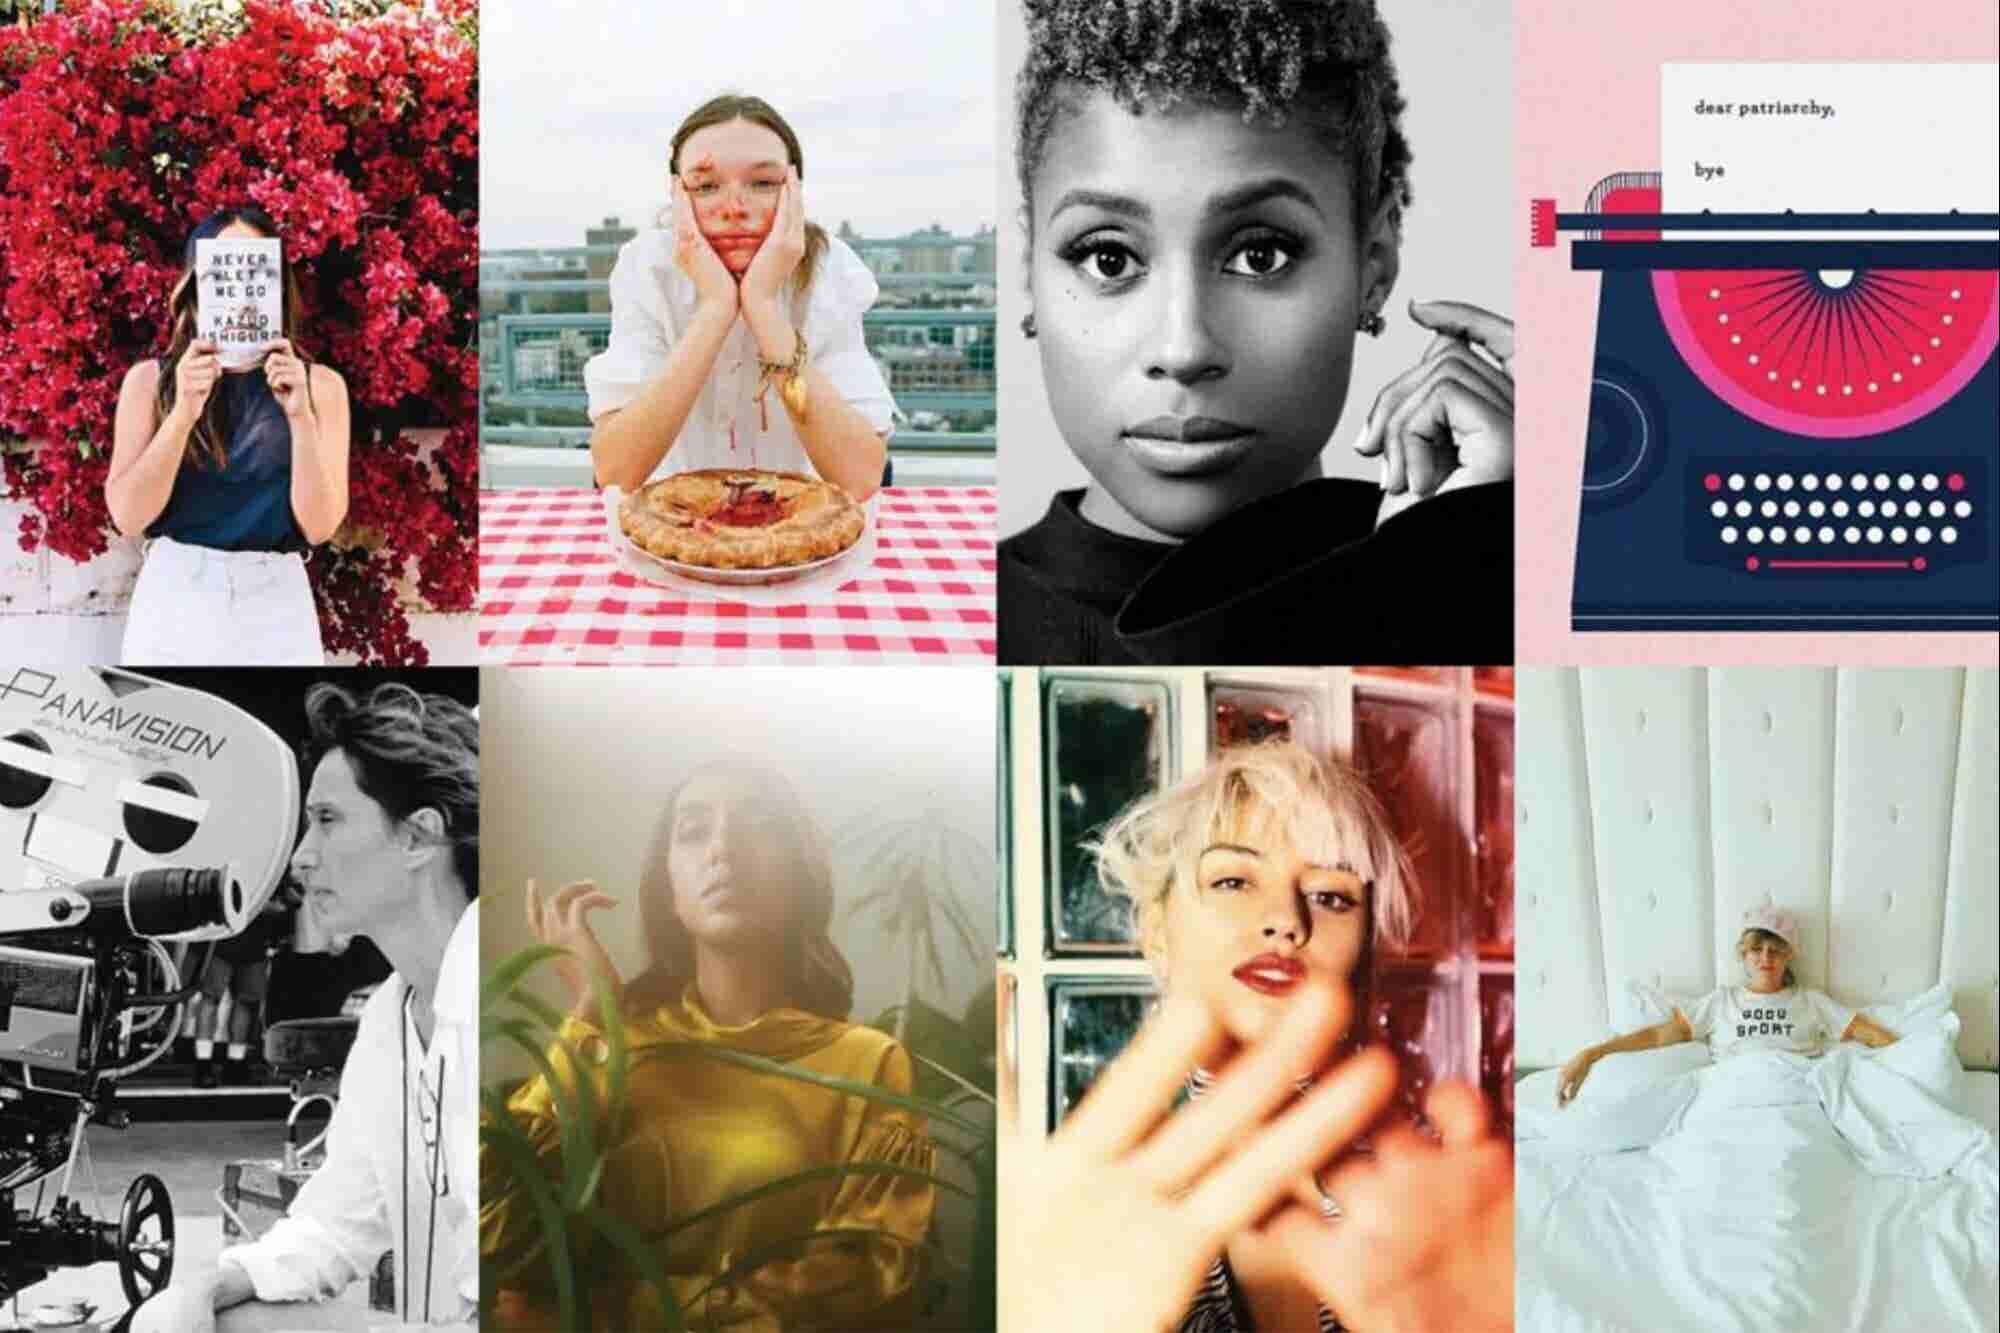 Mujeres empoderadas del mundo, únanse: 25 cuentas de Instagram que debes seguir